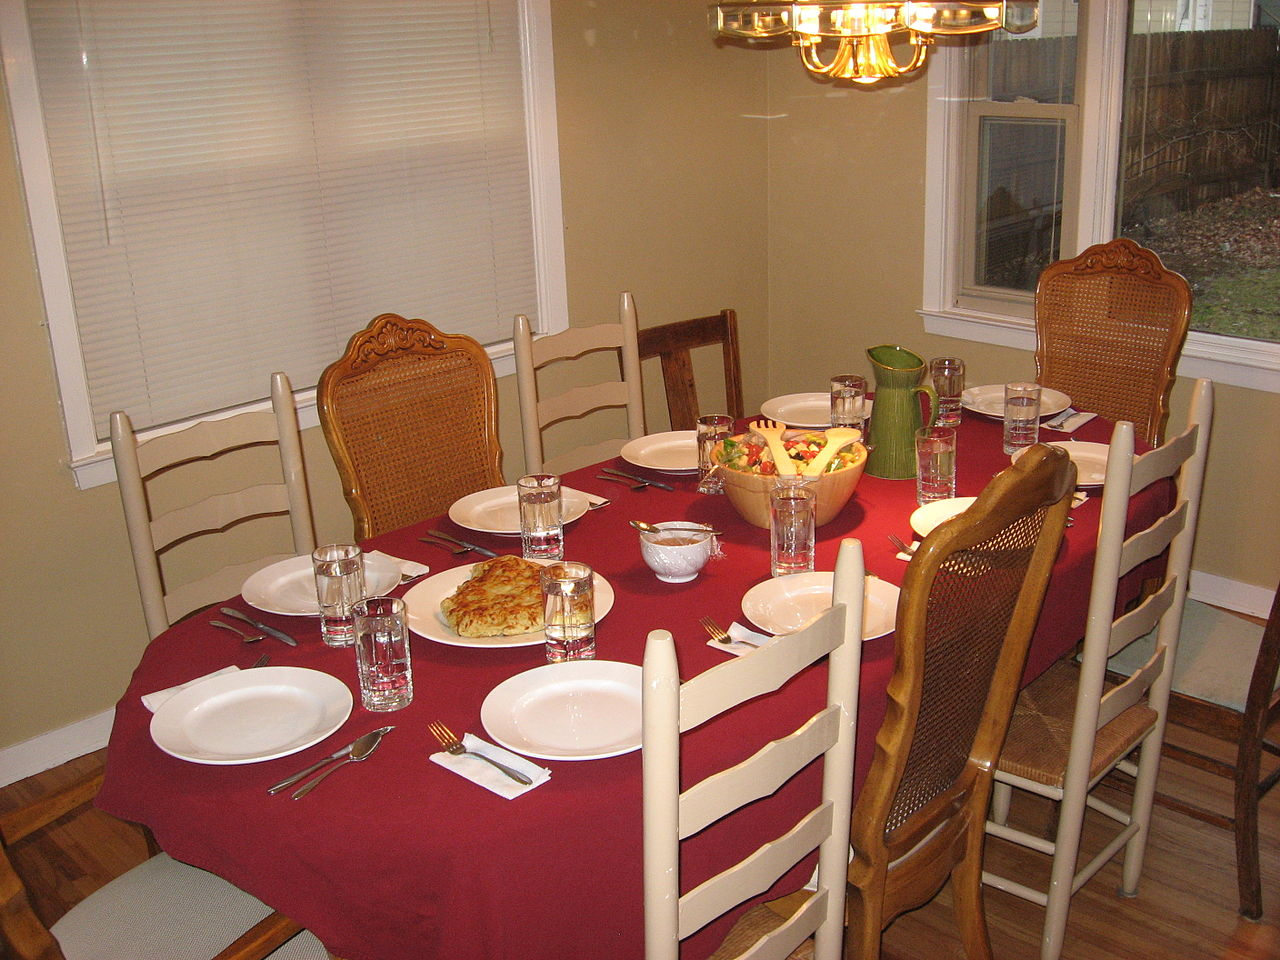 File:Set dinner table.jpg